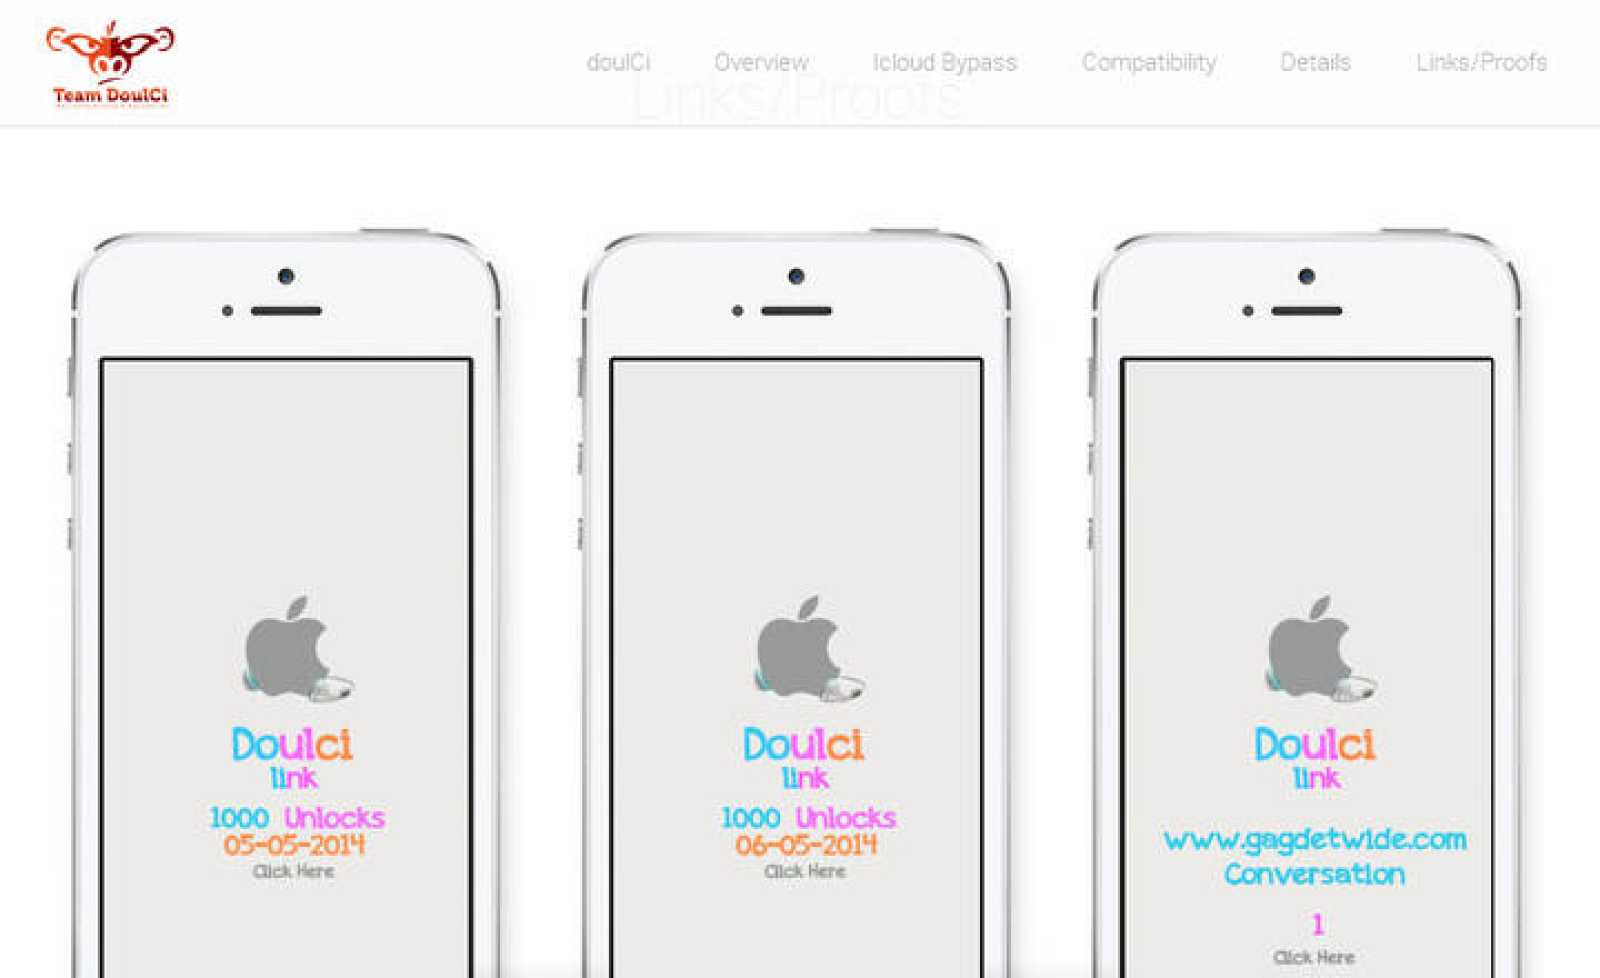 Imagen de 'prueba' en la página web de doulCi para demostrar el desbloqueo de teléfonos iPhone.